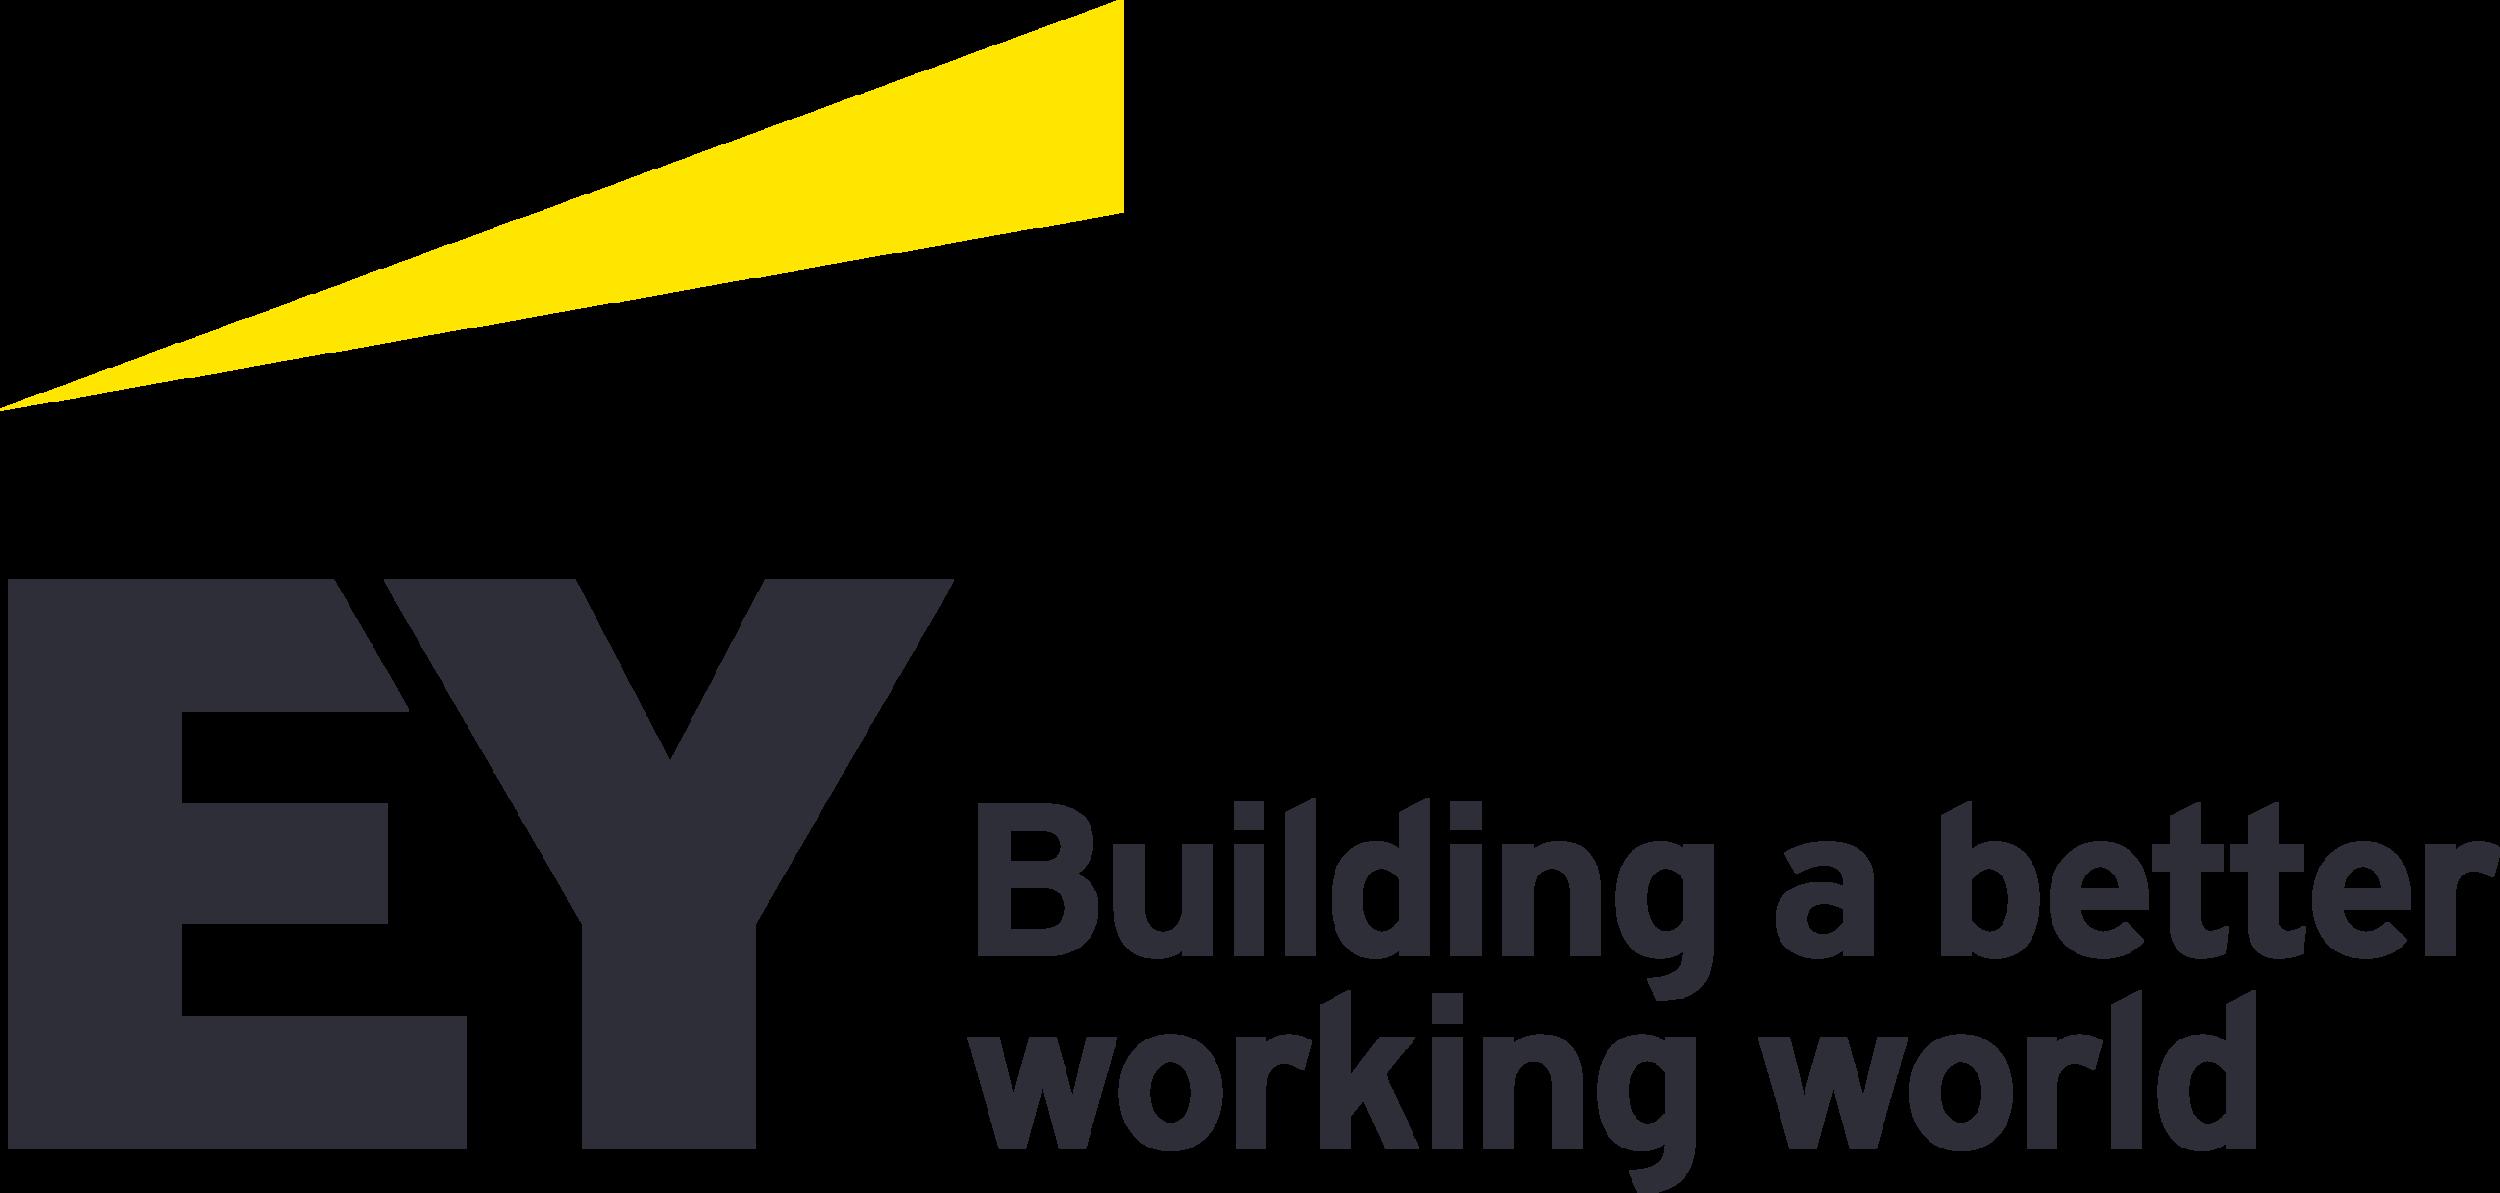 EY_Logo_Beam_Tag_Horizontal_RGB_OffBlack_Yellow (002).png